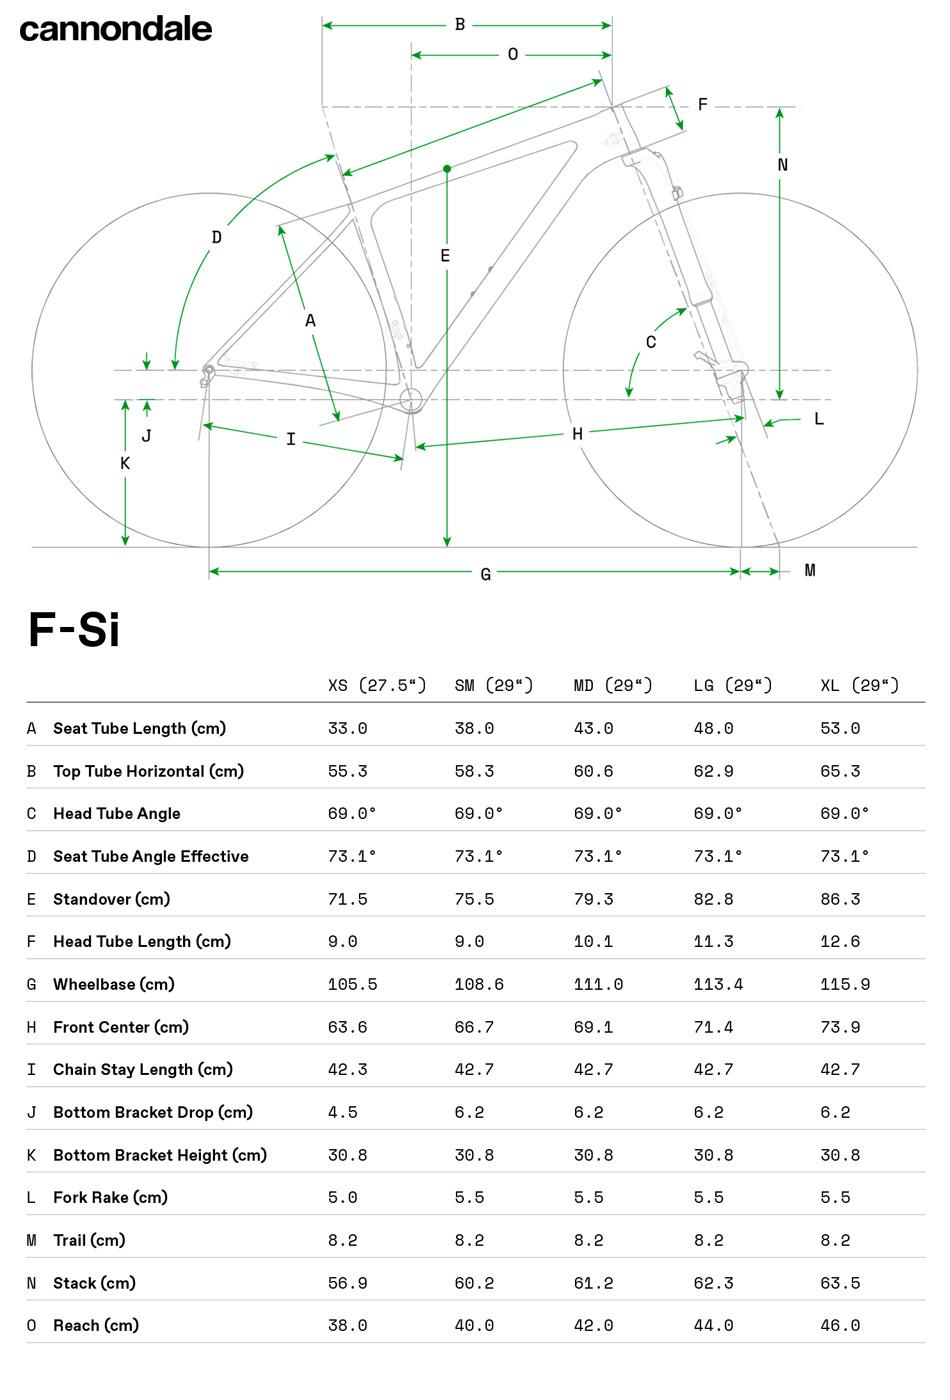 La tabella con le misure e le geometrie della mtb Cannondale F-Si Hi-MOD 1 2020